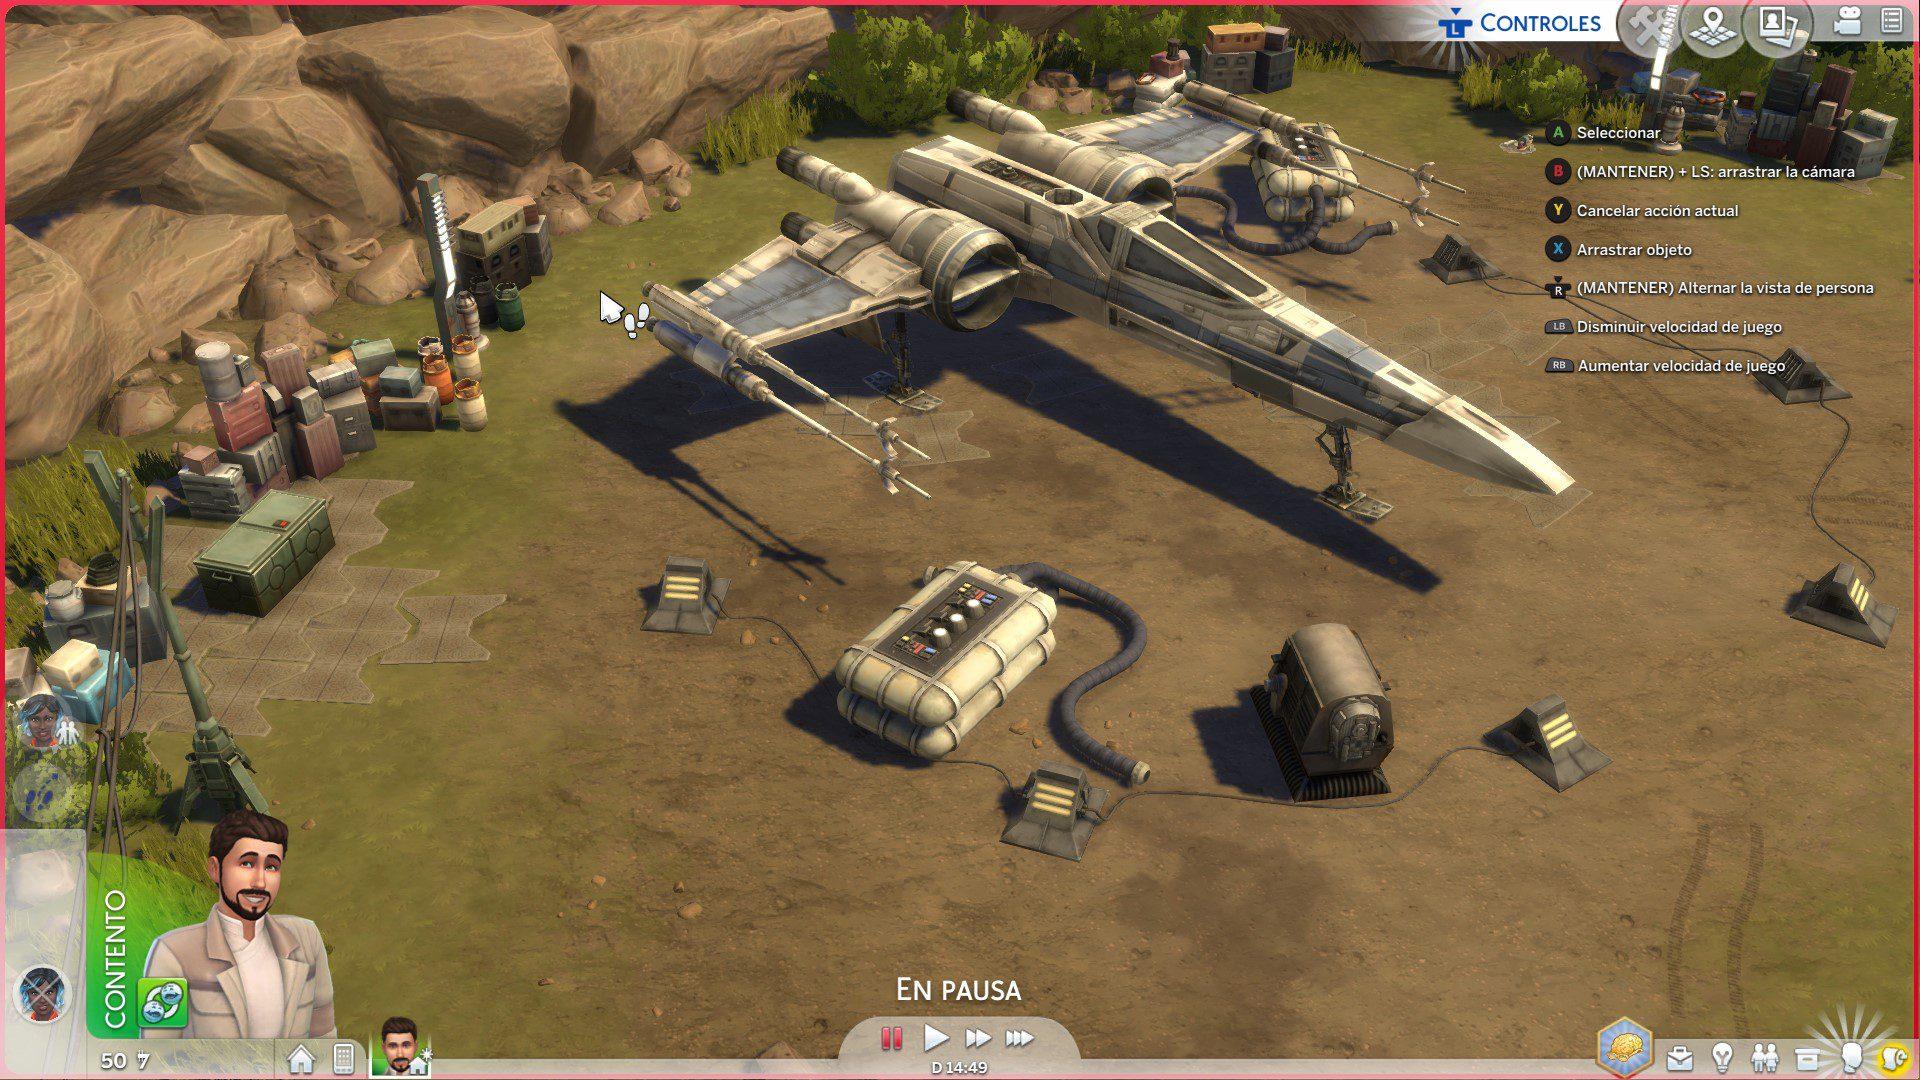 Análisis de Los Sims 4: Viaje a Batuu